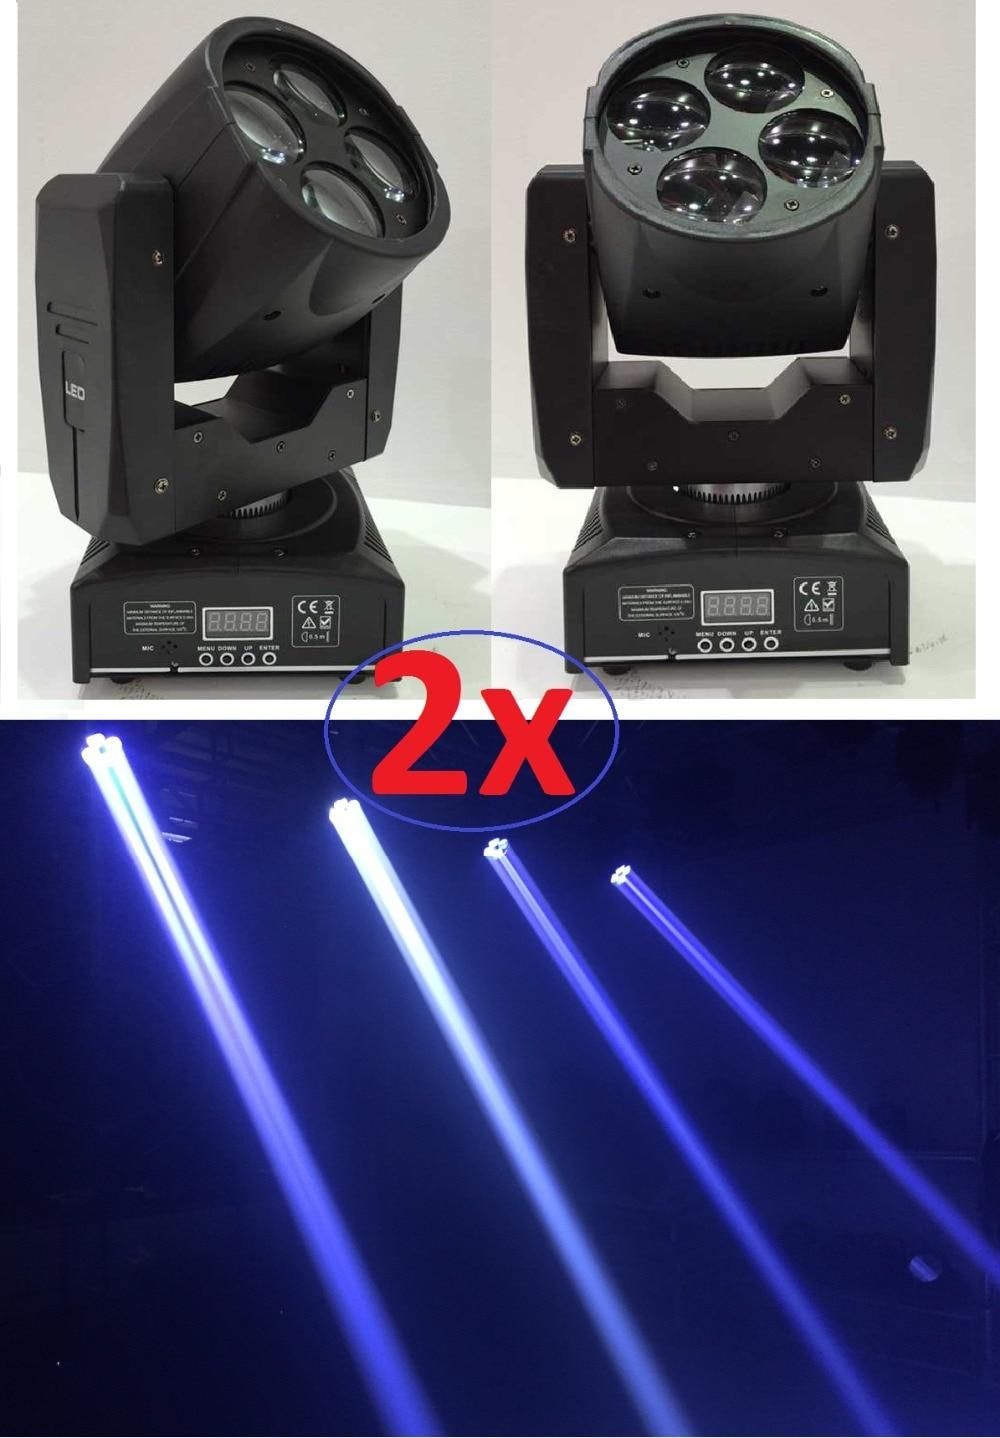 2xLot 60W Luz de efecto de punto de cabeza móvil LED 4x15W Lavado de haz de punto Mini iluminación DJ KTV Disco Luces de escenario RGBW Colores blancos